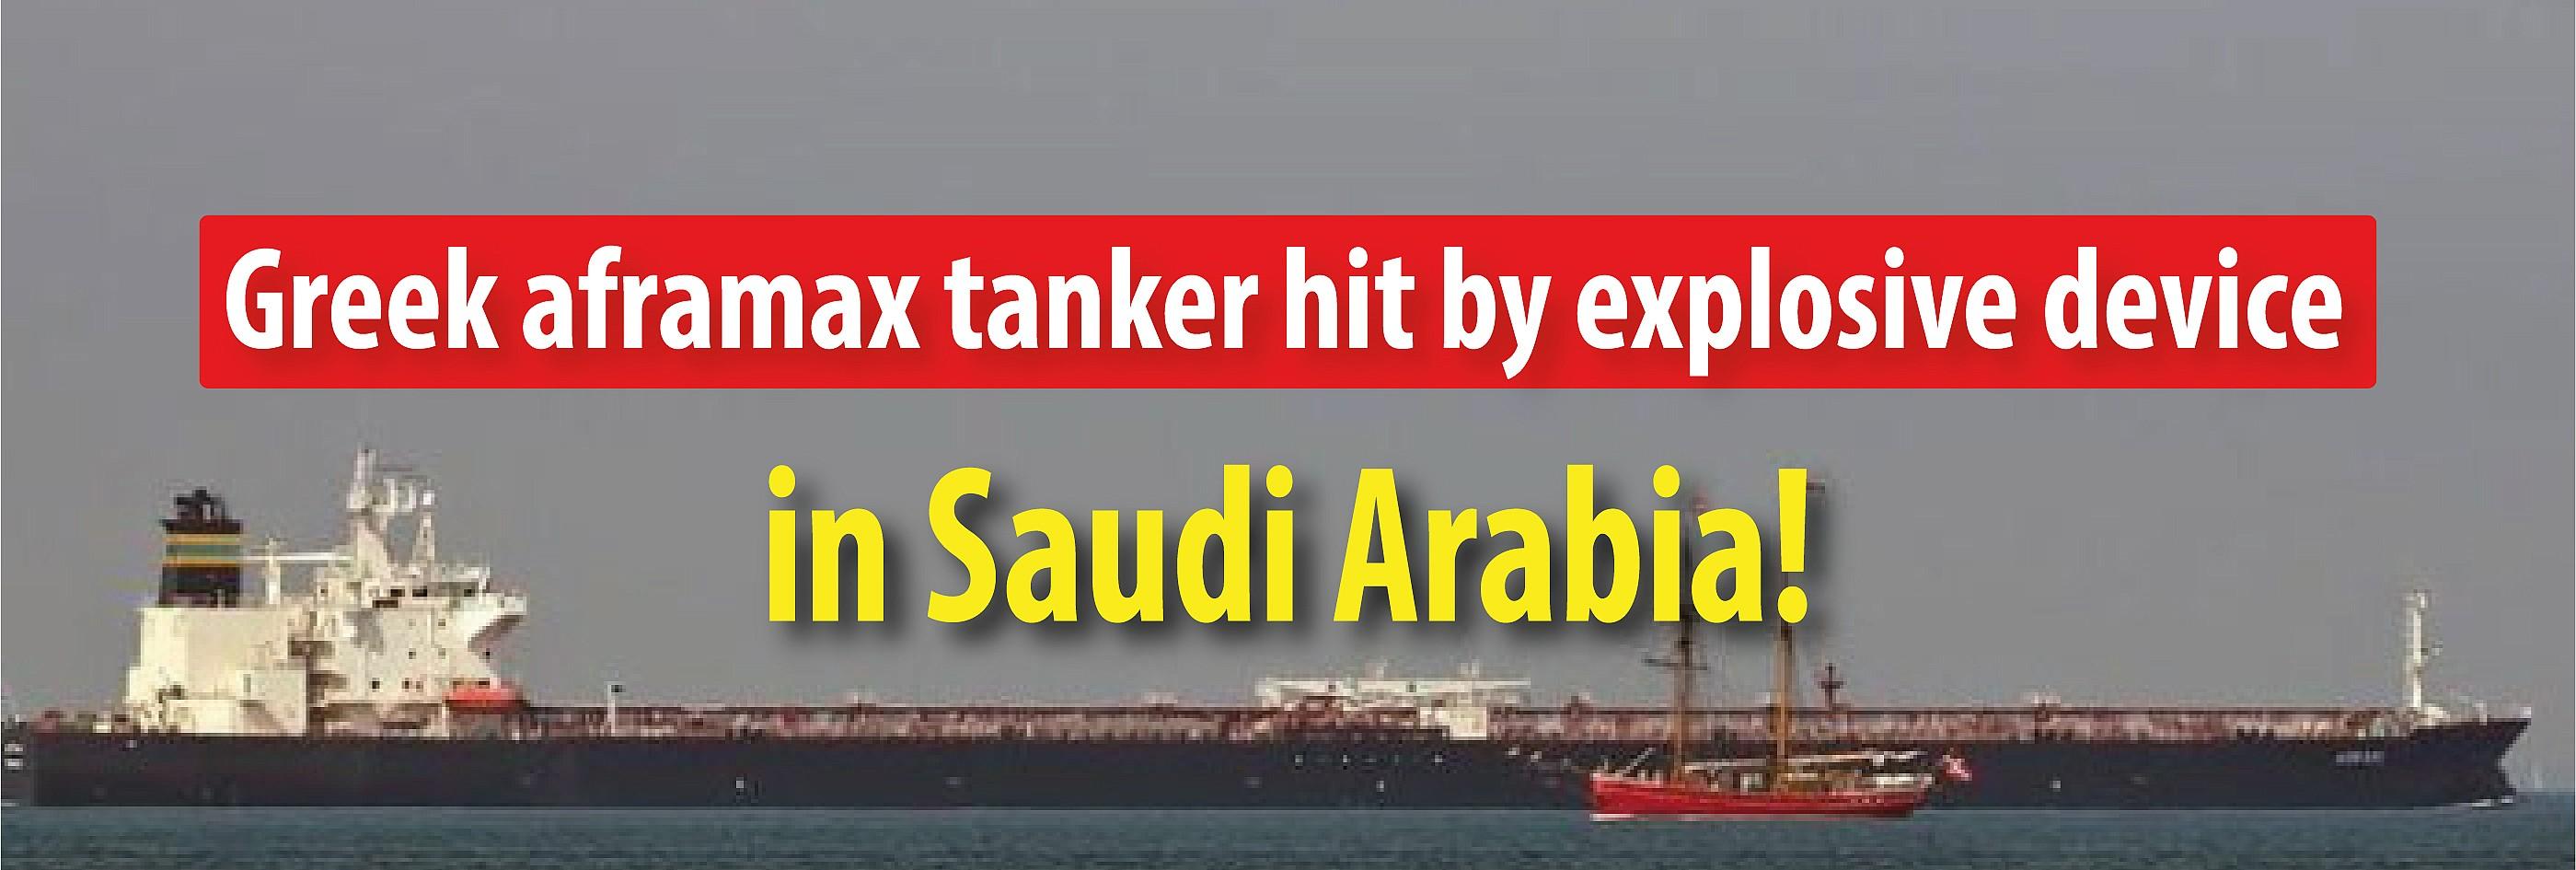 Greek aframax tanker hit by explosive device in Saudi Arabia!